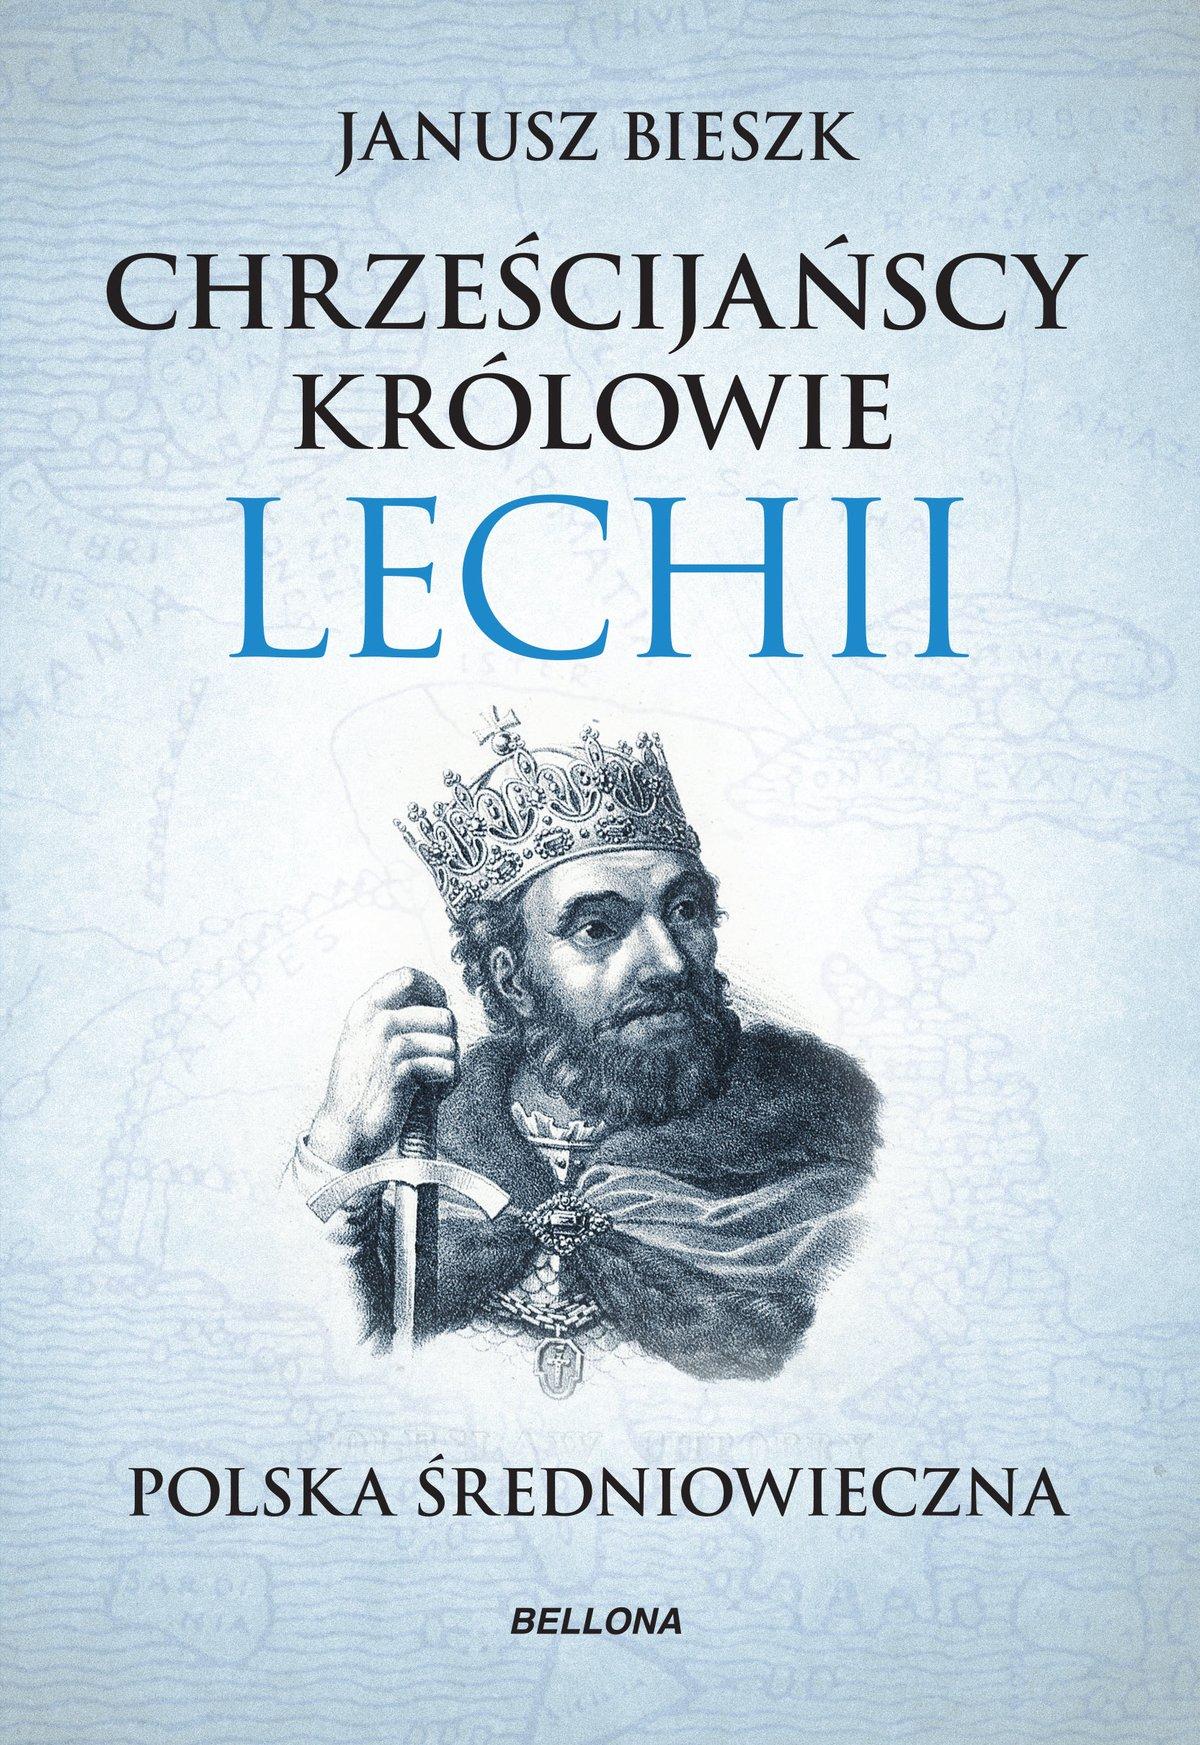 Chrześcijańscy królowie Lechii - Ebook (Książka EPUB) do pobrania w formacie EPUB